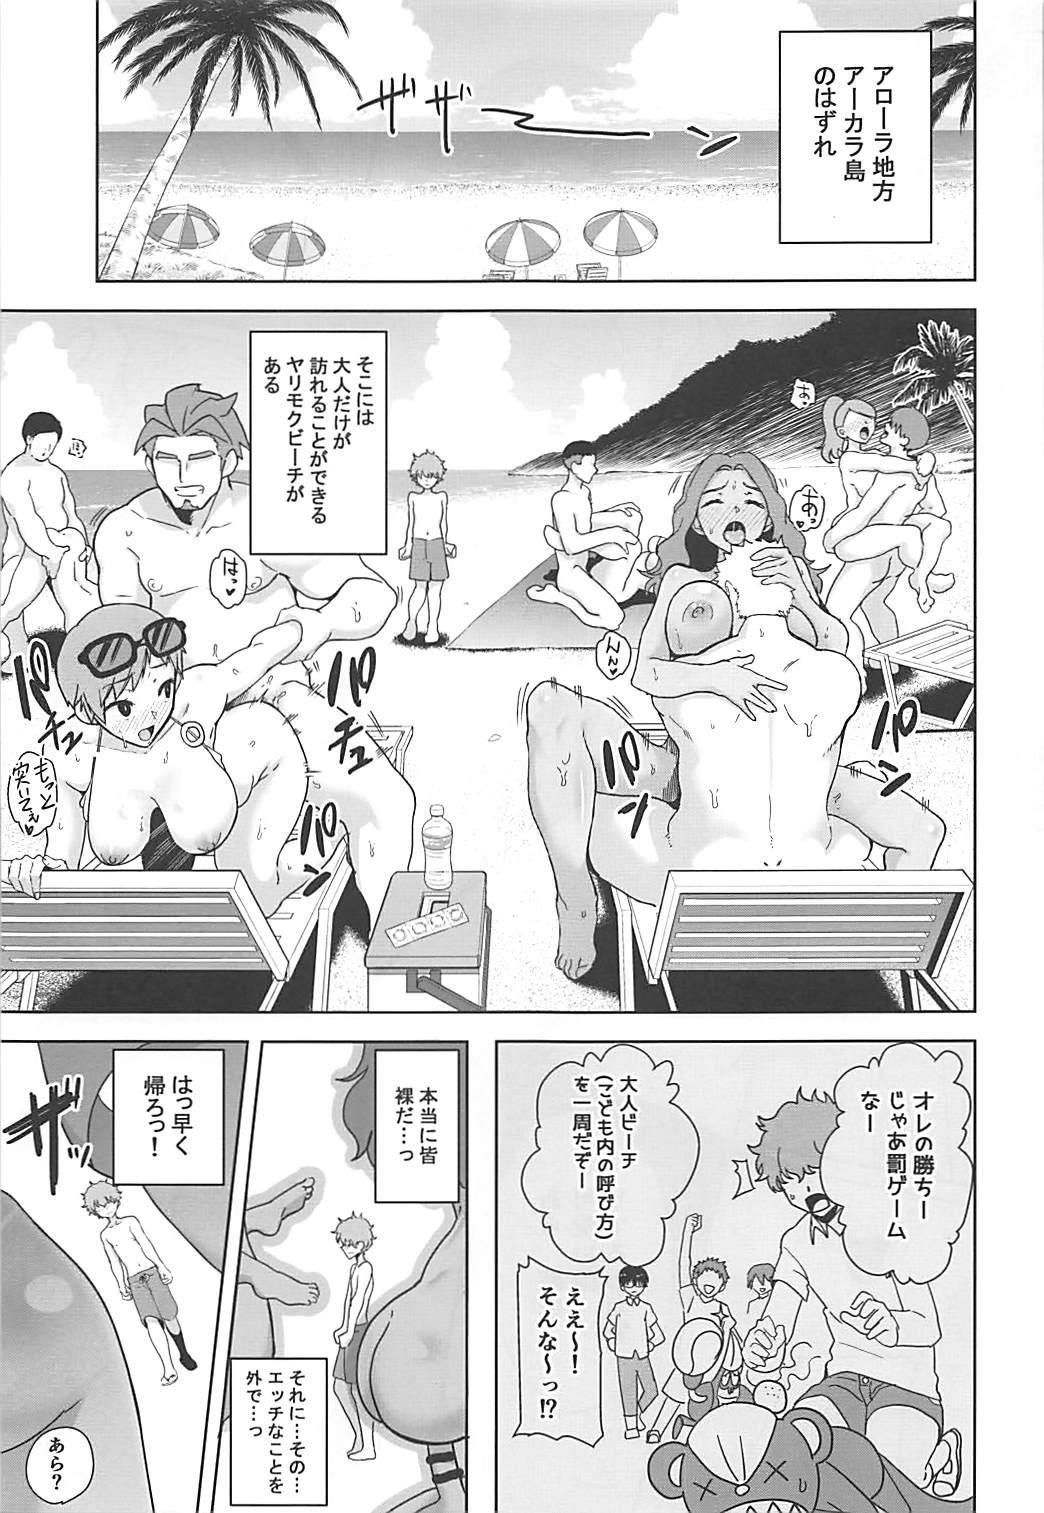 Alola no Yoru no Sugata 3 1